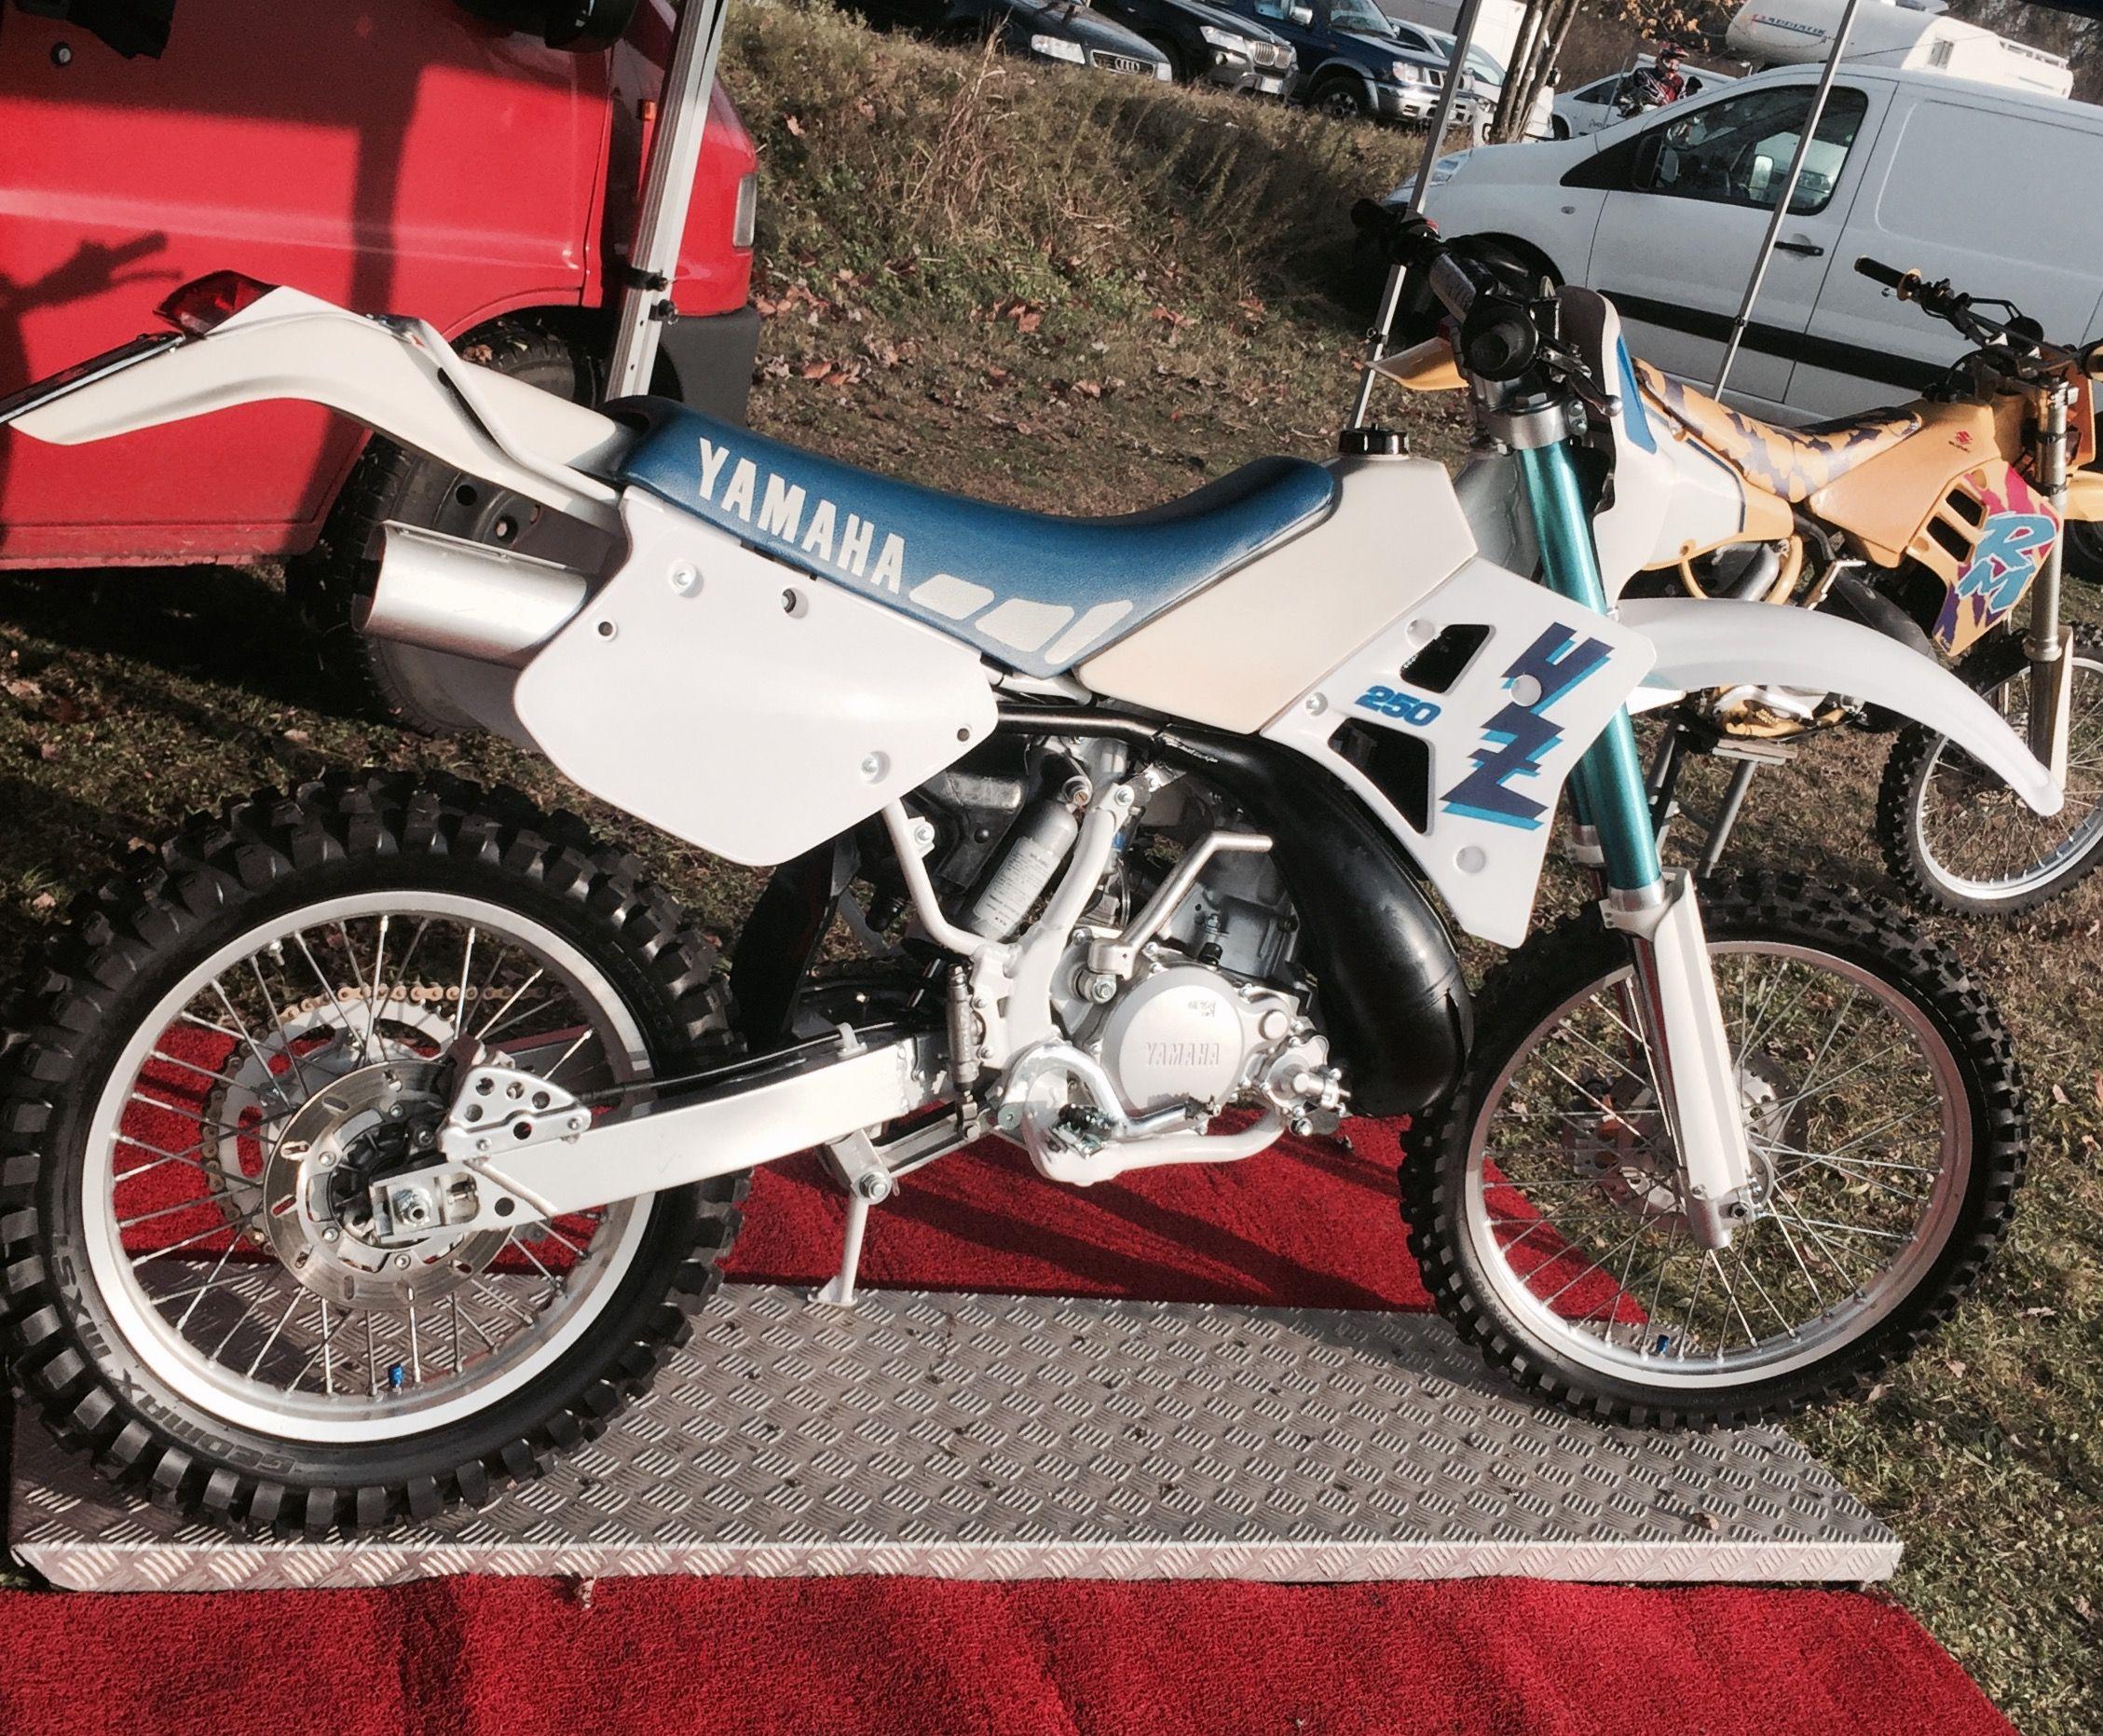 Yamaha Yz 250 Wr 1990 Vintage Dirt Bike Byrd Yamaha Dirt Bike Bike